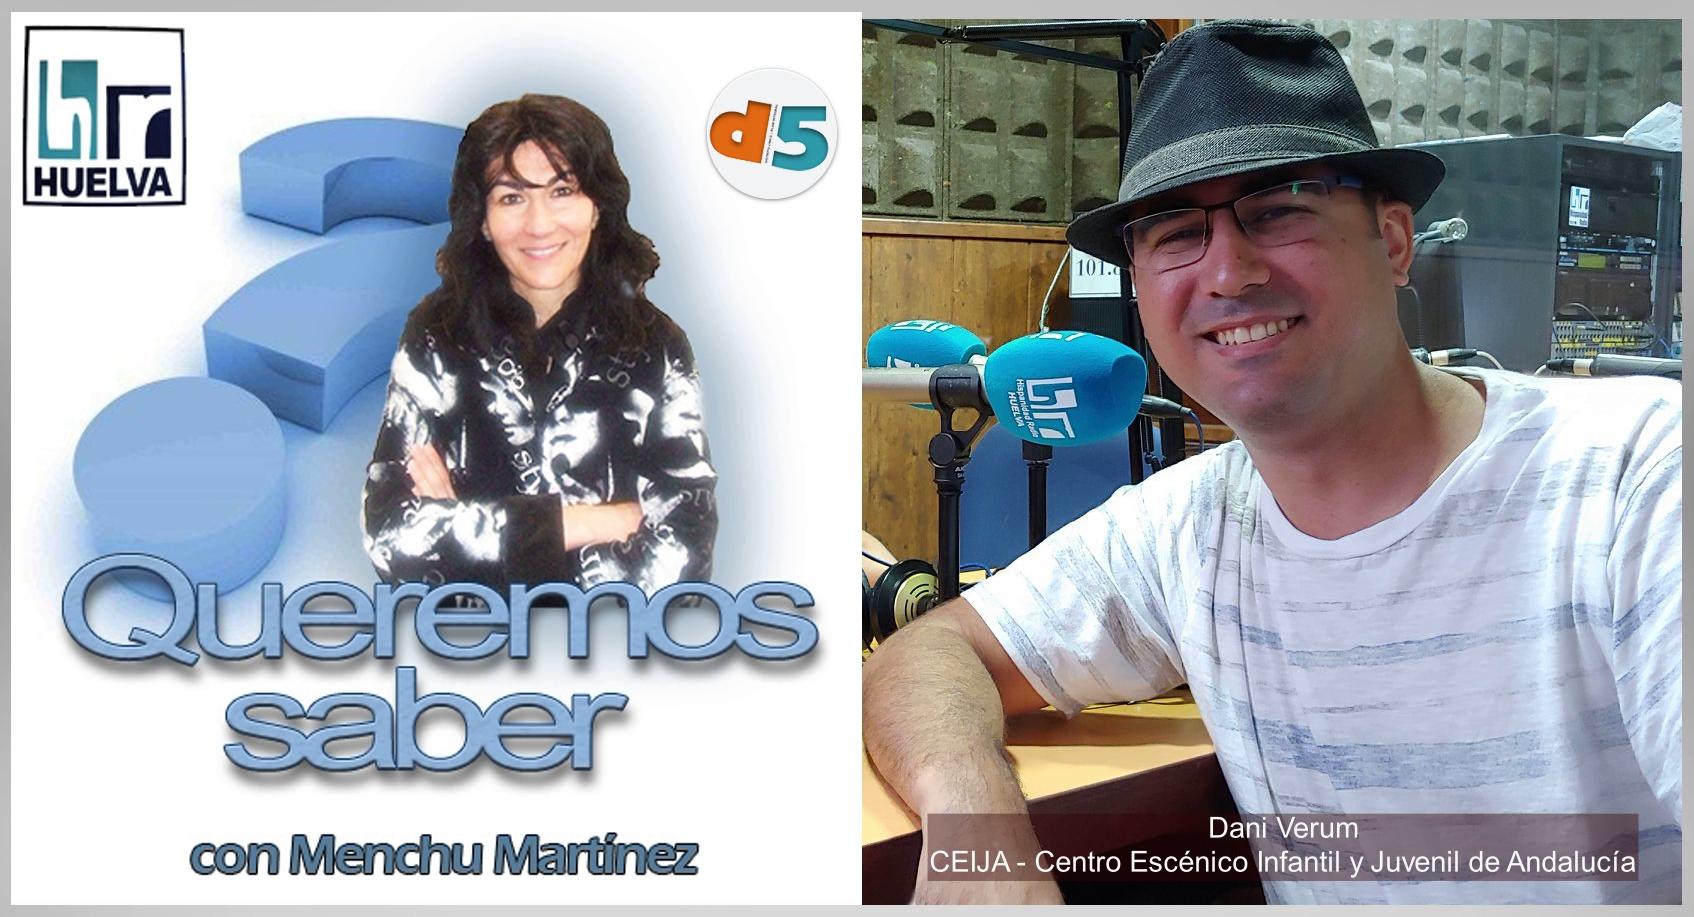 Queremos Saber 29-06-2020 Dani Verum, CEIJA - Centro Escénico Infantil y Juvenil de Andalucía